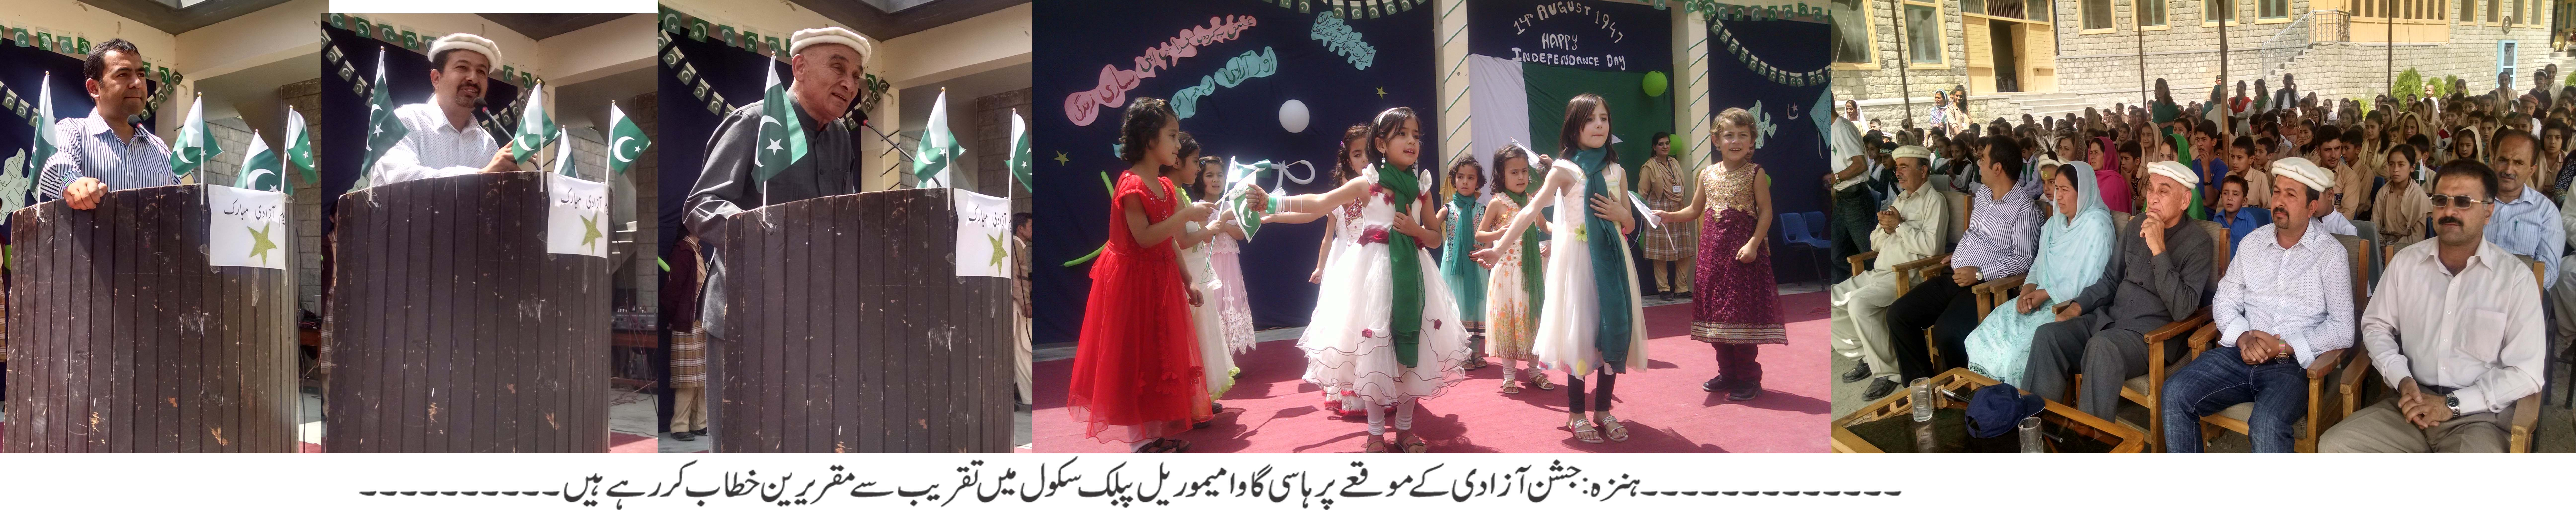 تین نومبر 1947 کو ریاستِ ہنزہ نے پاکستان کے ساتھ الحاق کا اعلان کیا تھا، ہاسی گاوا پبلک سکول میں جشنِ آزادی کی تقریب سے خطاب